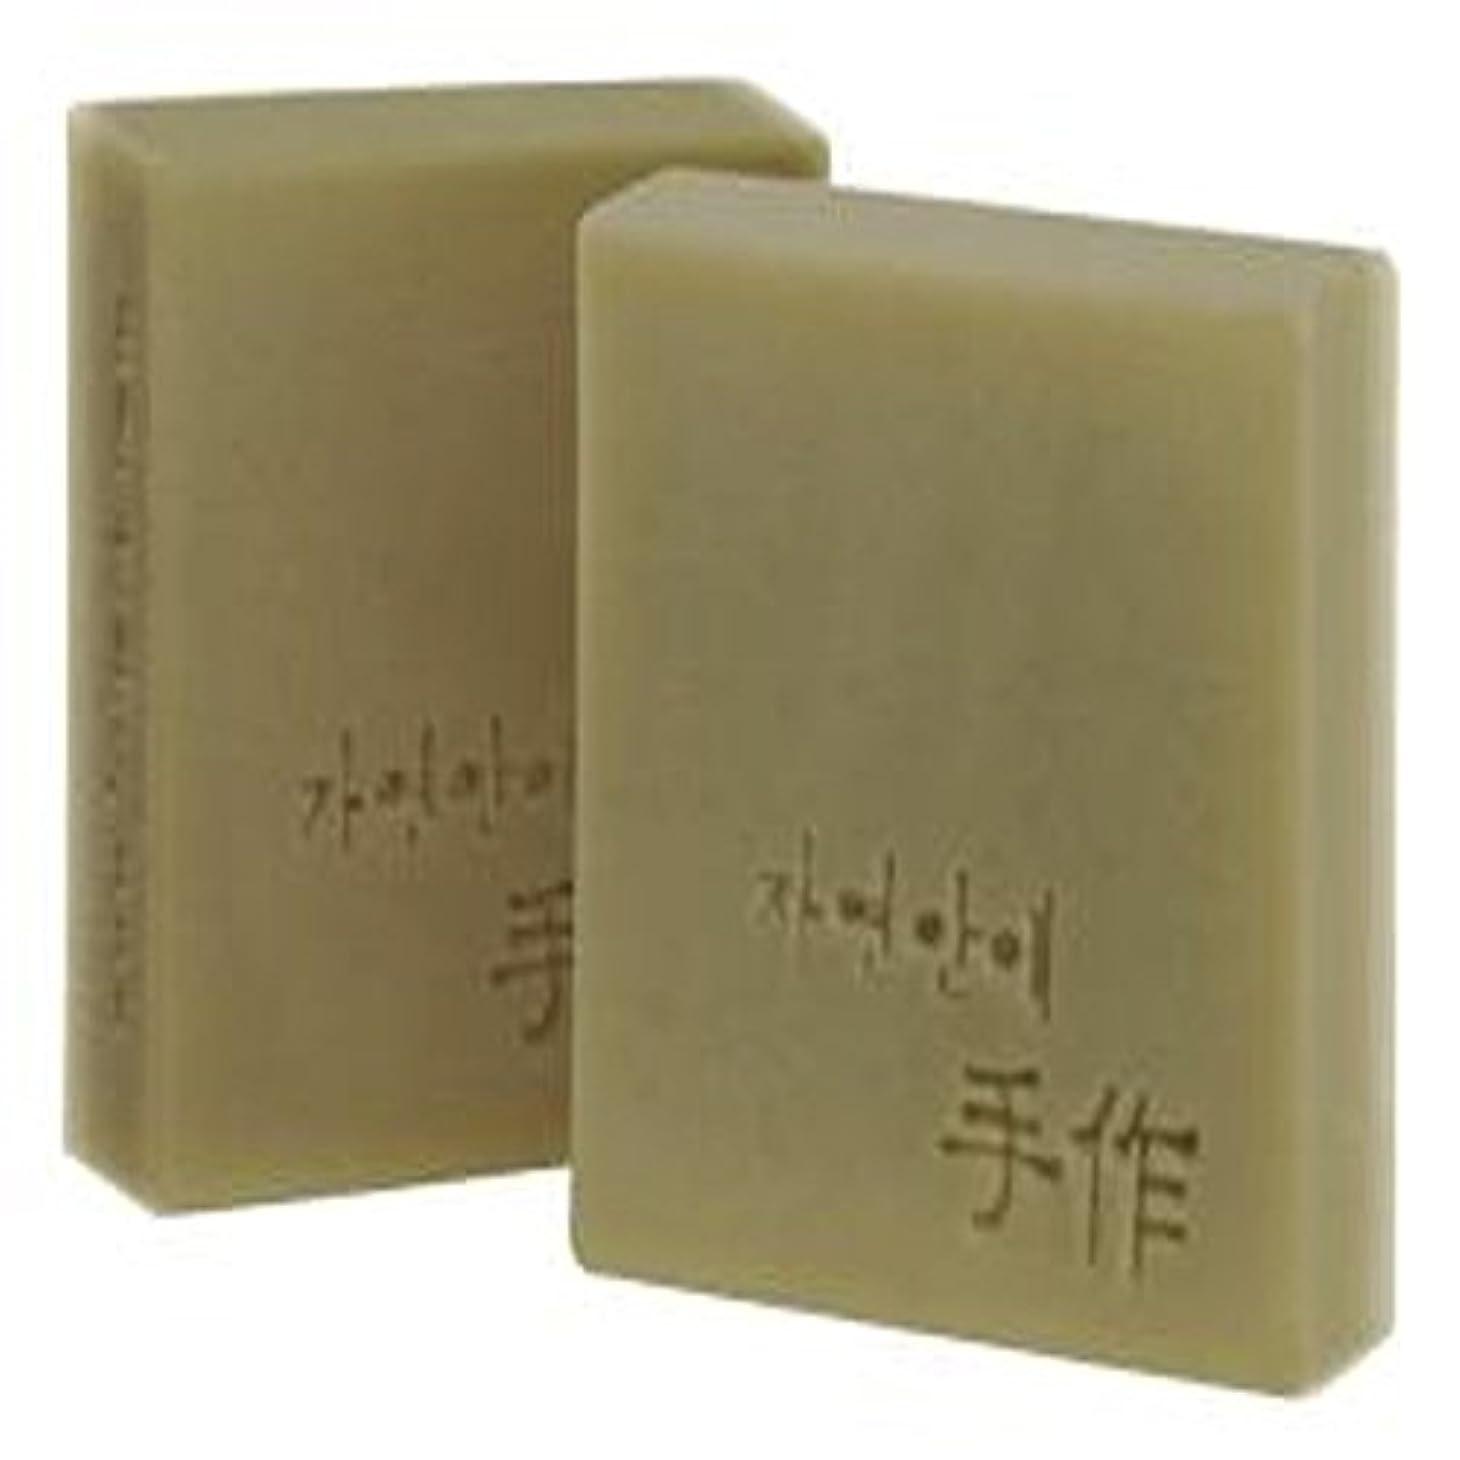 やりすぎ維持するイーウェルNatural organic 有機天然ソープ 固形 無添加 洗顔せっけんクレンジング 石鹸 [並行輸入品] (アプリコット)